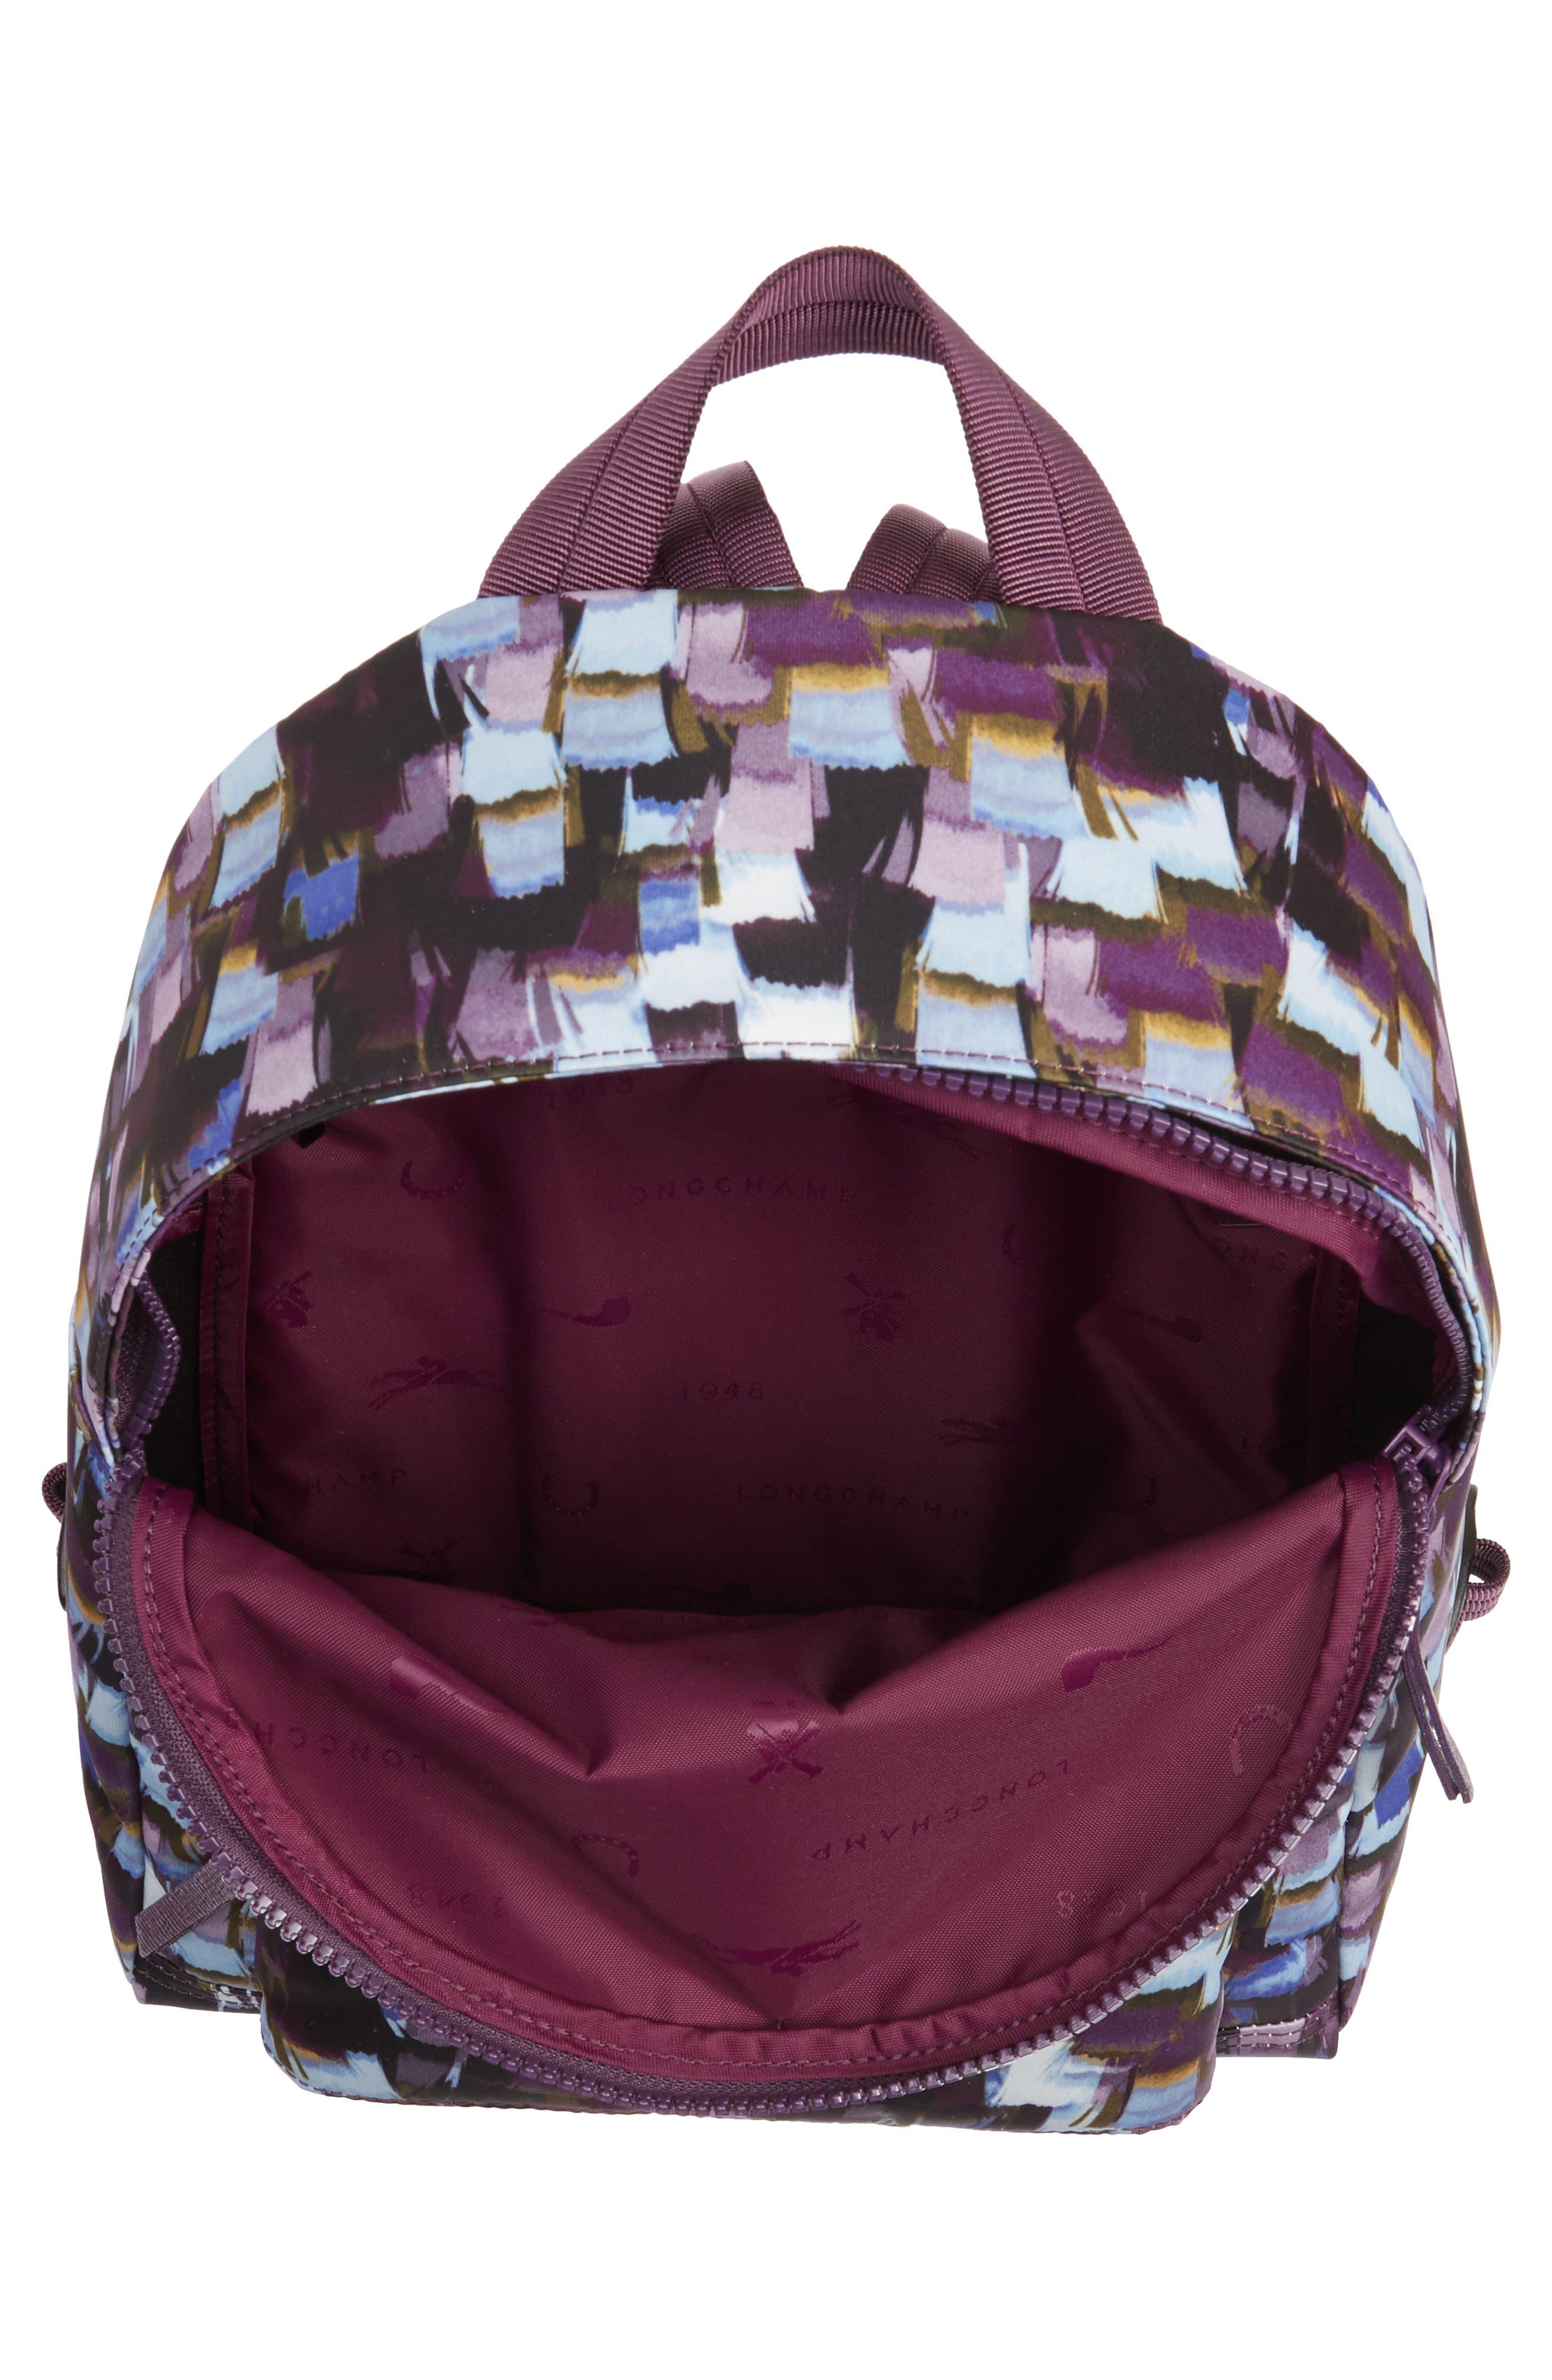 Le Pliage Neo - Vibrations Nylon Backpack,                             Alternate thumbnail 3, color,                             Deep Purple